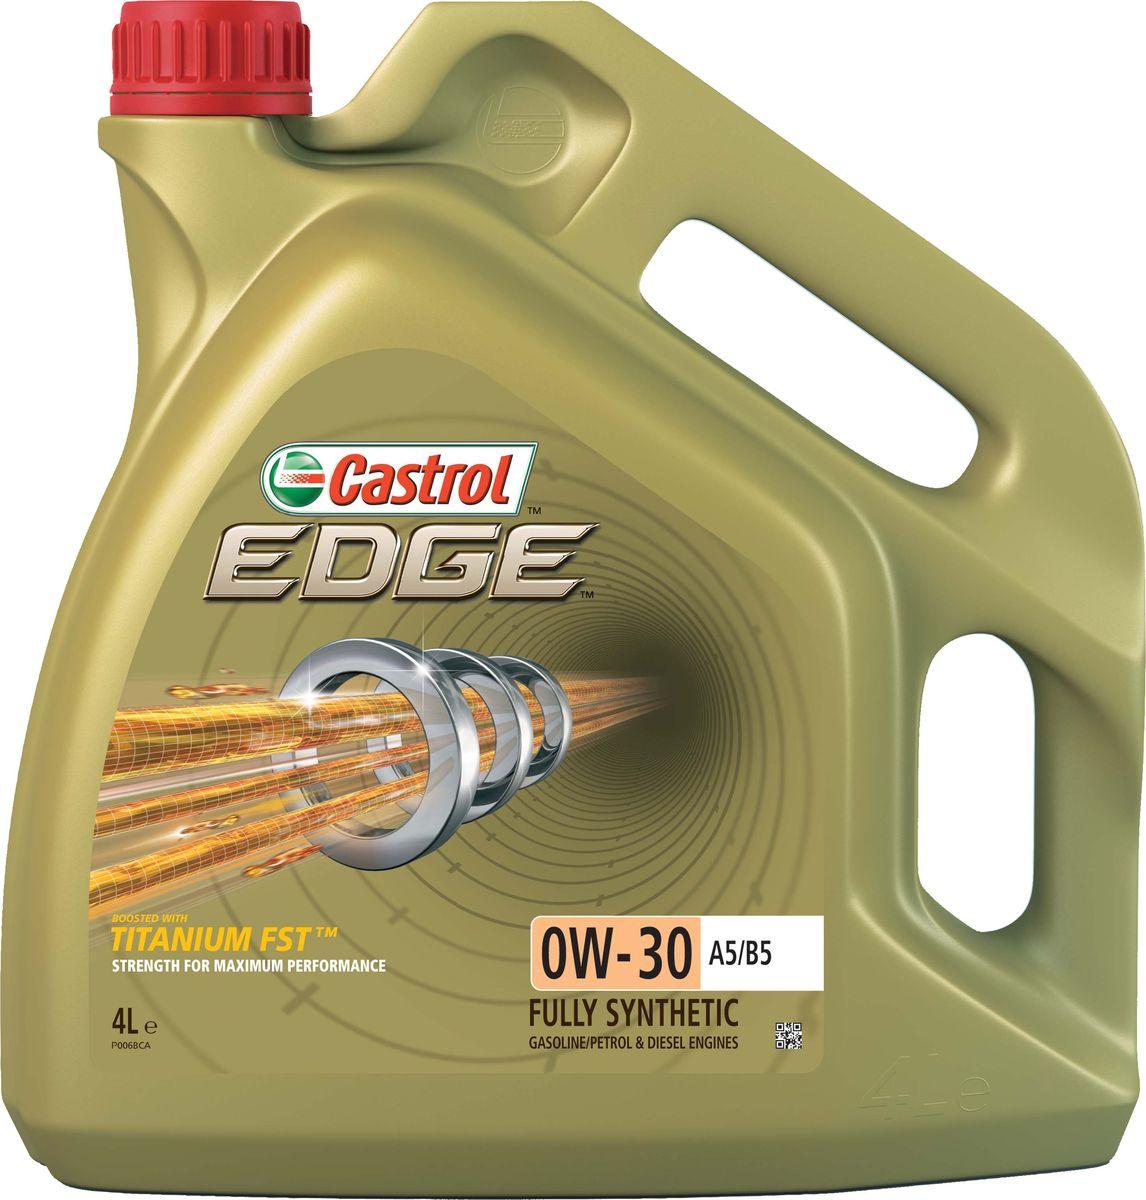 Масло моторное Castrol Edge, синтетическое, класс вязкости 0W-30, А5/В5, 4 л. 156E3F10503Полностью синтетическое моторное масло Castrol Edge произведено с использованием новейшей технологии TITANIUM FST™, придающей масляной пленке дополнительную силу и прочность благодаря соединениям титана.TITANIUM FST™ радикально меняет поведение масла в условиях экстремальных нагрузок, формируя дополнительный ударопоглащающий слой. Испытания подтвердили, что TITANIUM FST™ в 2 раза увеличивает прочность пленки, предотвращая ее разрыв и снижая трение для максимальной производительности двигателя.С Castrol Edge ваш автомобиль готов к любым испытаниям независимо от дорожных условий.Castrol Edge предназначено для бензиновых и дизельных двигателей автомобилей, где производитель рекомендует моторные масла спецификаций ACEA A1/B1, A5/B5, ILSAC GF-2 класса вязкости SAE 0W-30.Castrol Edge обеспечивает надежную и максимально эффективную работувысокотехнологичных двигателей, созданных по новейшим инженерным разработкам, требующих использования маловязких моторных масел и увеличенных интервалов замены.Castrol Edge:- поддерживает максимальную эффективность работы двигателя, как в краткосрочном периоде времени, так и на длительный срок службы;- подавляет образование отложений, способствуя повышению скорости реакции двигателя на нажатие педали акселератора;- обеспечивает надежную защиту всех деталей мотора в разных условиях движения, в широких диапазонах температур и скоростей;- обеспечивает и поддерживает максимальную мощность двигателя в течении длительного времени, даже в условиях интенсивной эксплуатации;- повышает КПД двигателя (независимо подтверждено);- отличные низкотемпературные свойства.Спецификации:ACEA A1/B1, A5/B5,API SL.Товар сертифицирован.